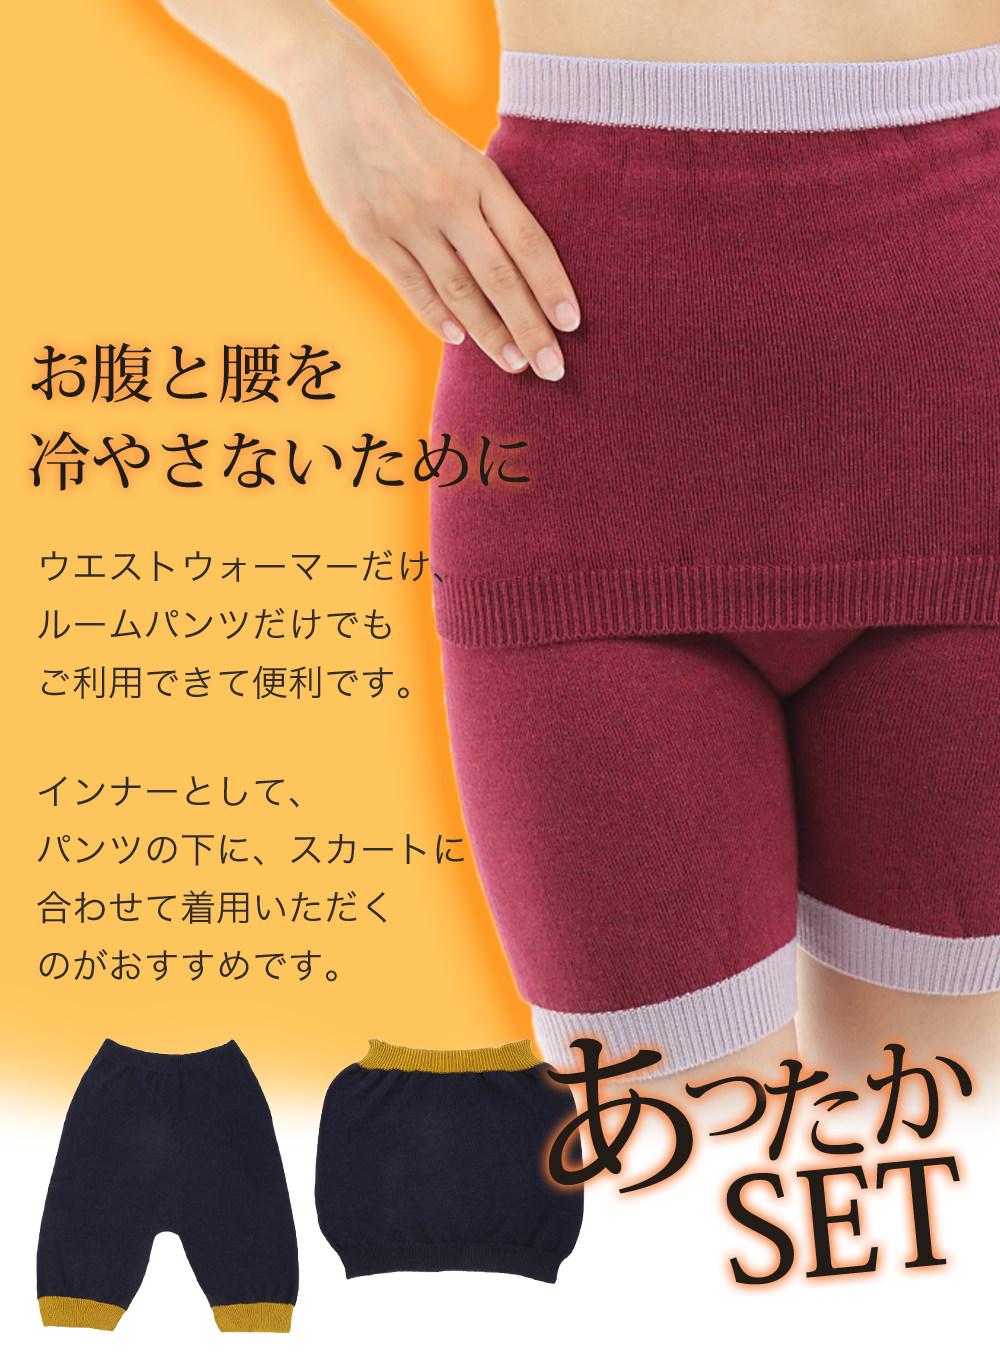 お腹と腰を冷やさないために。ウエストウォーマーだけ、ルームパンツだけでもご利用できて便利です。インナーとしてパンツのしたにスカートに合わせて着用いただくのがおすすめです。